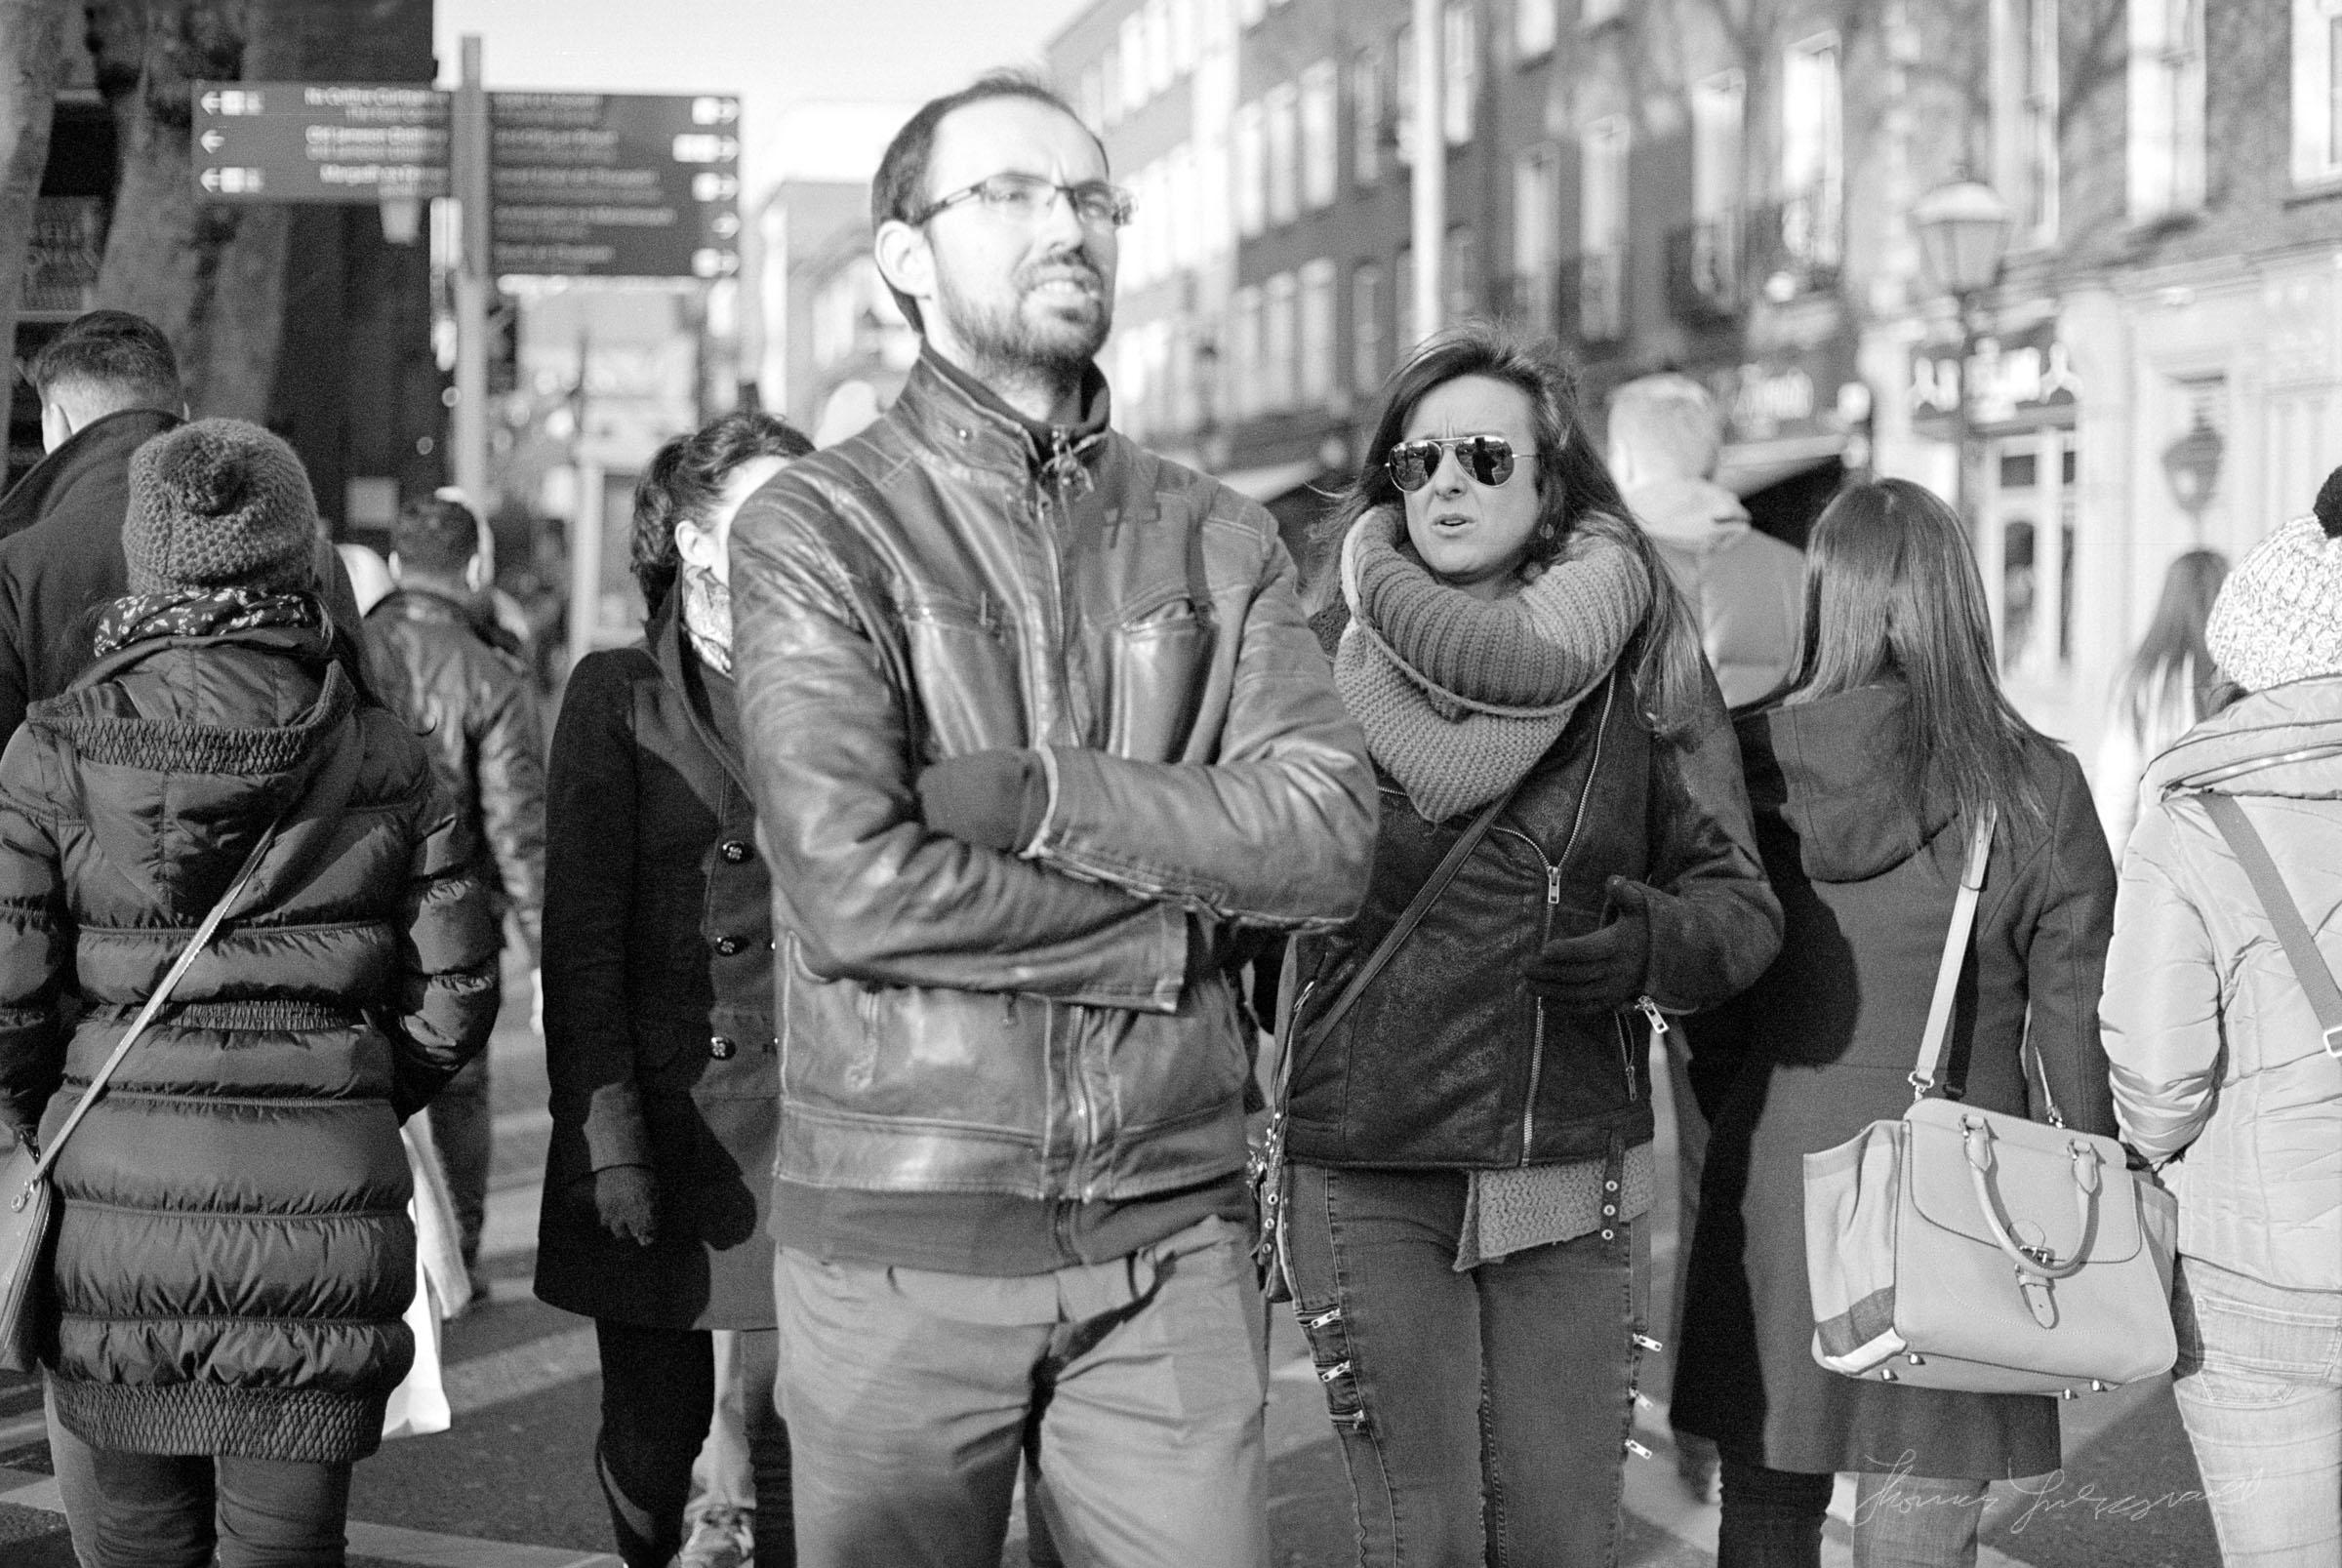 Cool Dublin - Dublin on Film - The Streets of Dublin